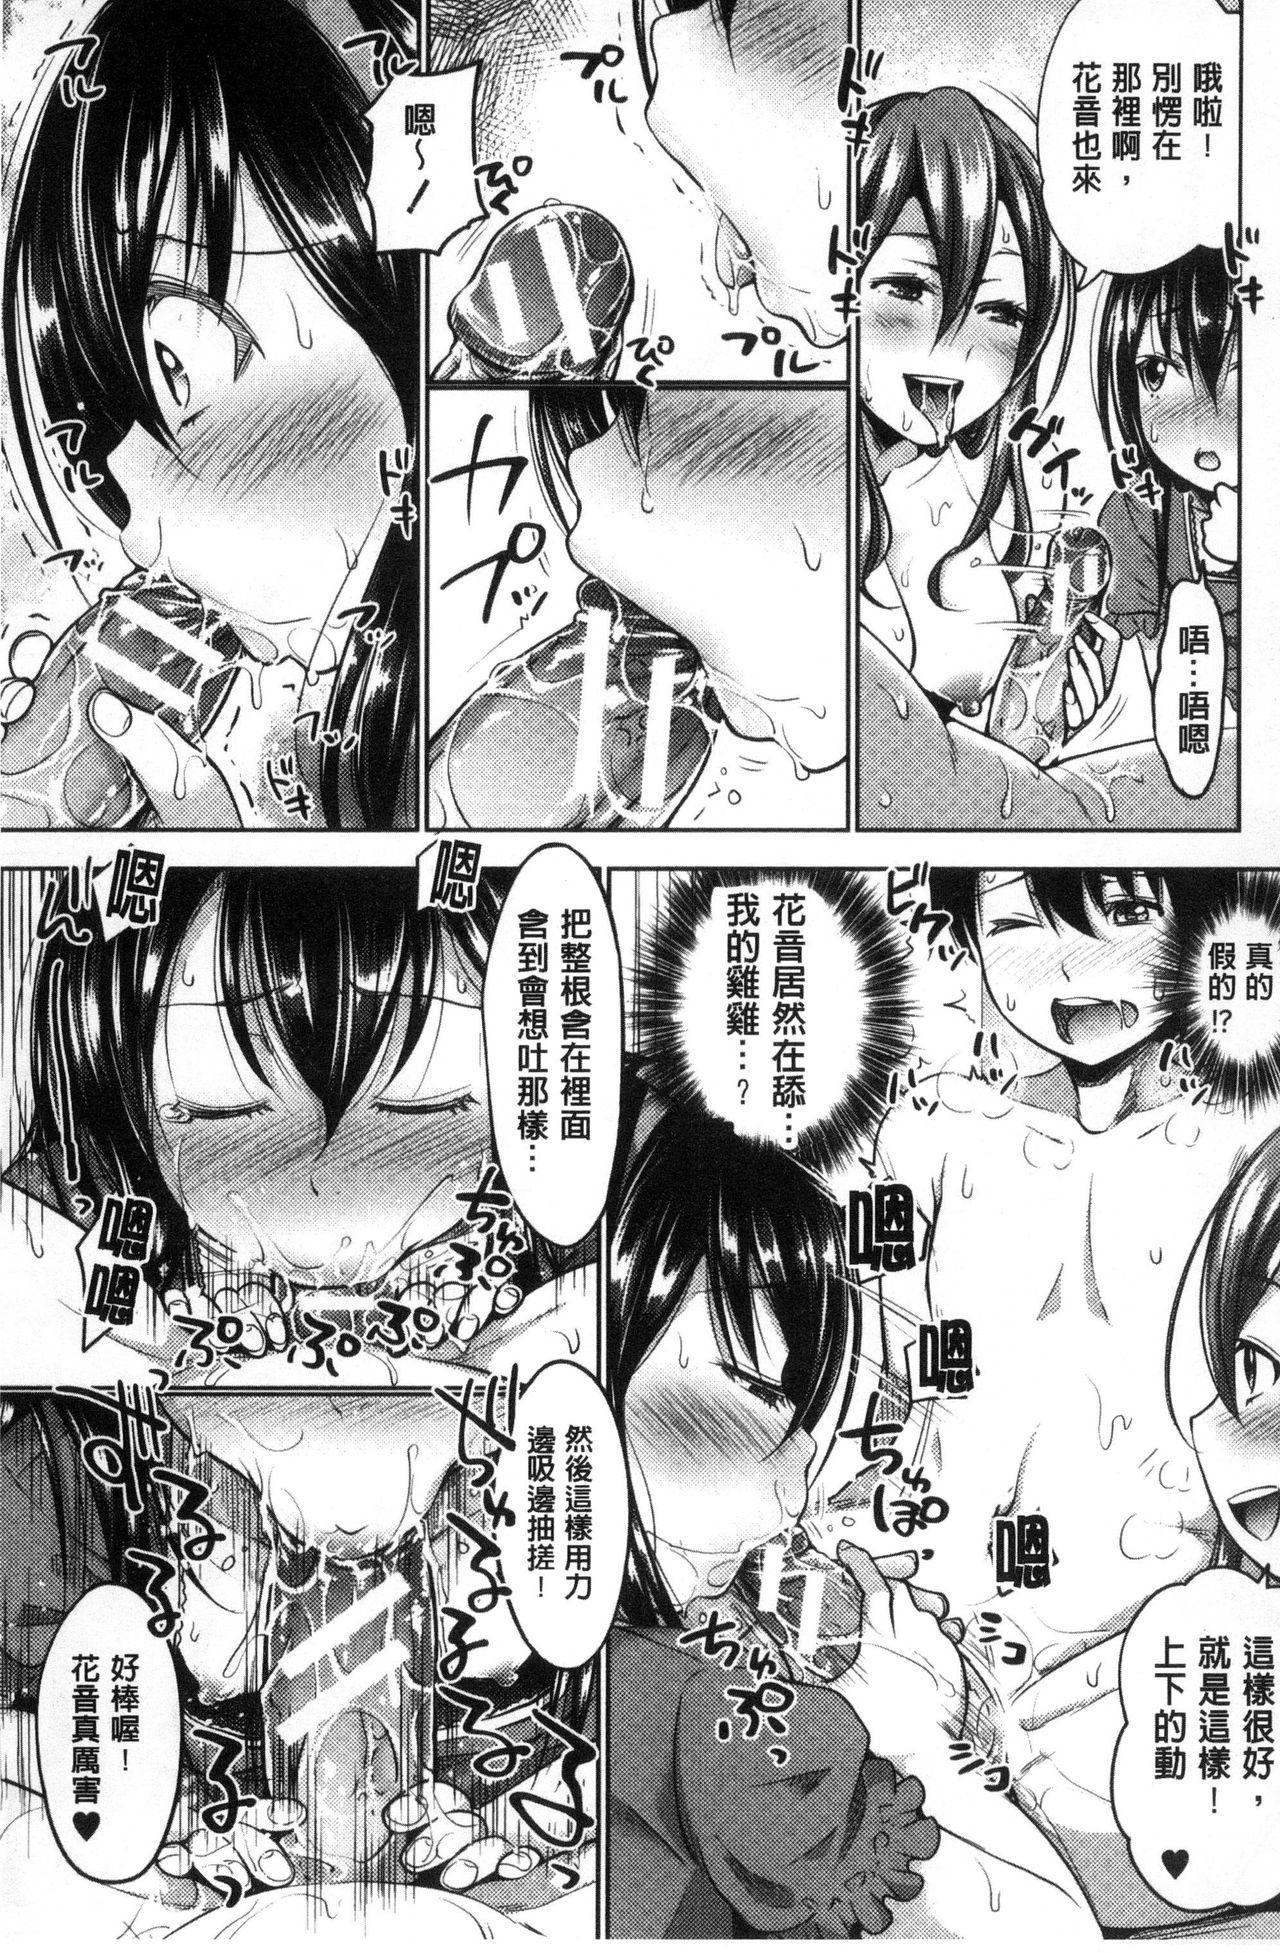 [Takuwan] Sanshimai Show Time -Moshi Ore ga 10-nen mae no Sugata de Seishun Yarinaosetara- | 三姉妹ShowTime -如果我以10年前的模樣青春再玩一次的話- [Chinese] 76